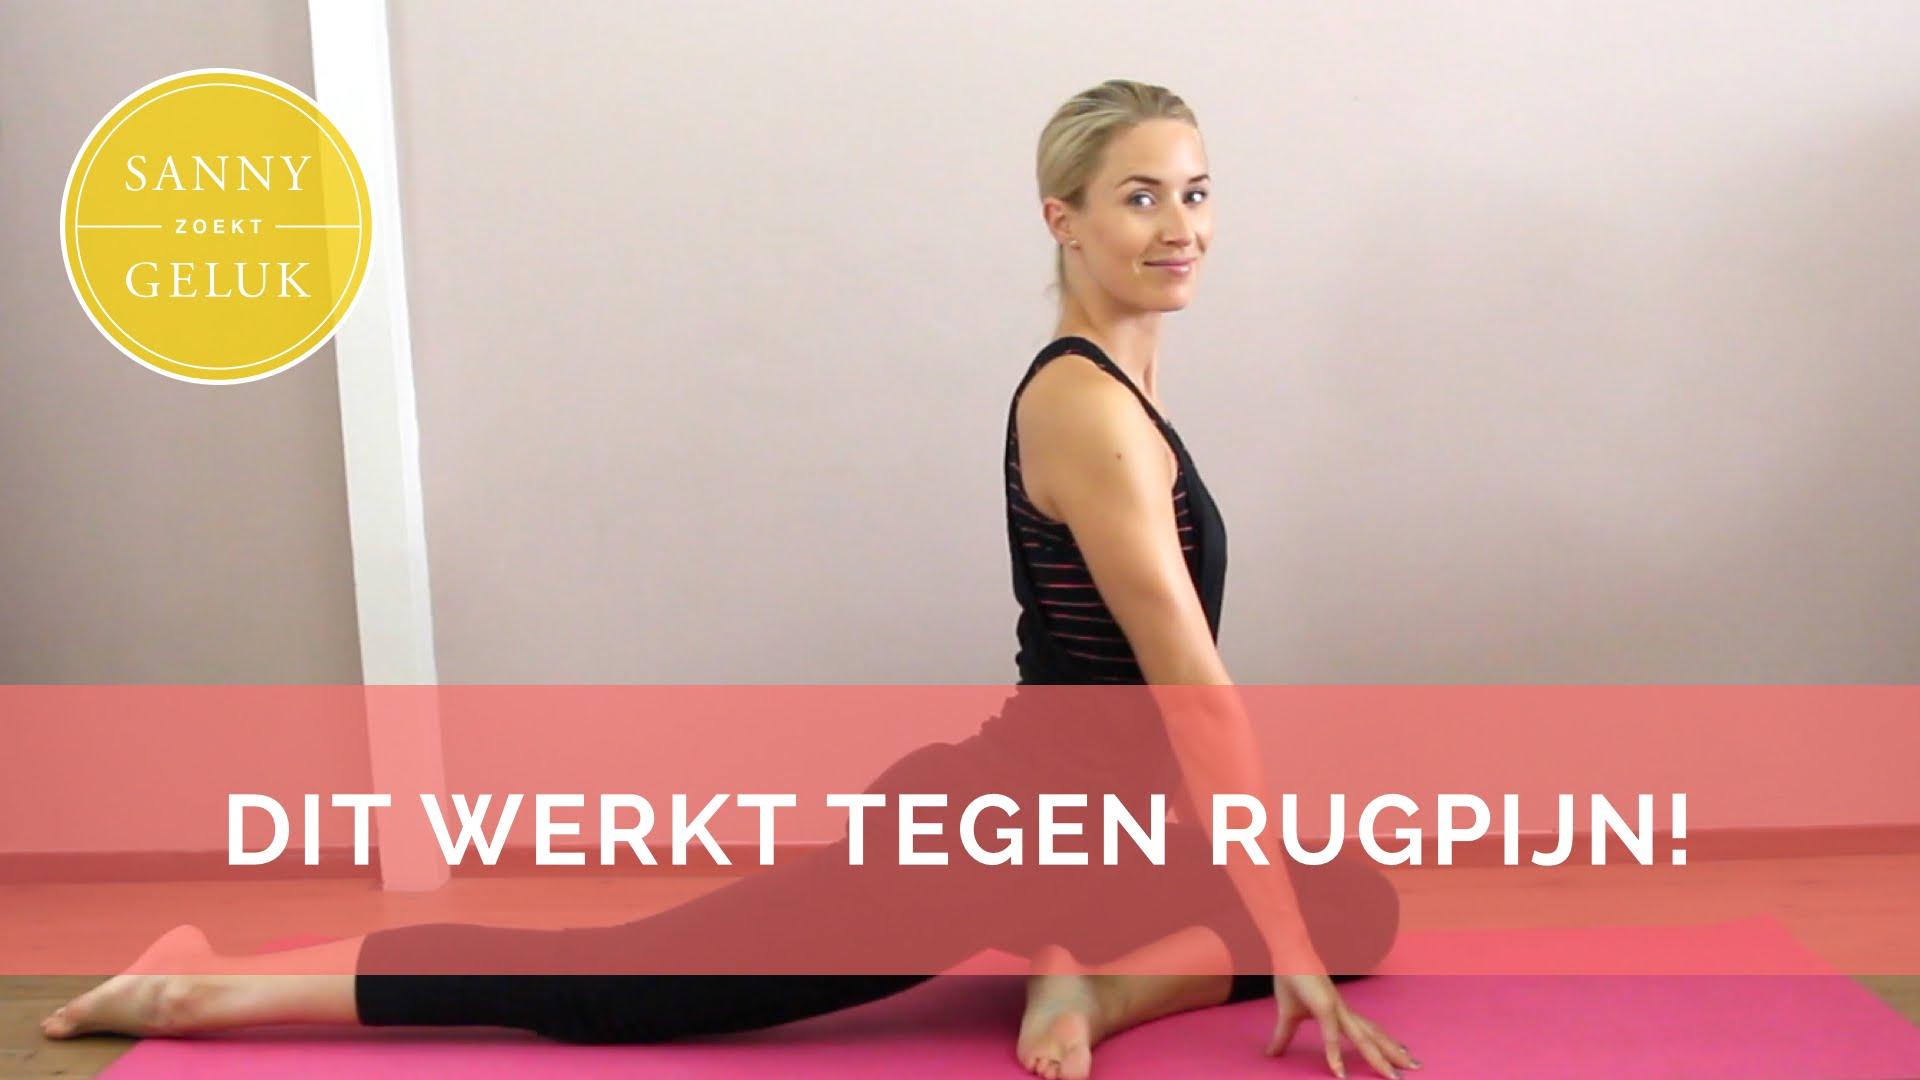 Workout 6 yoga poses tegen rugpijn sanny zoekt geluk for Sanny zoekt geluk instagram